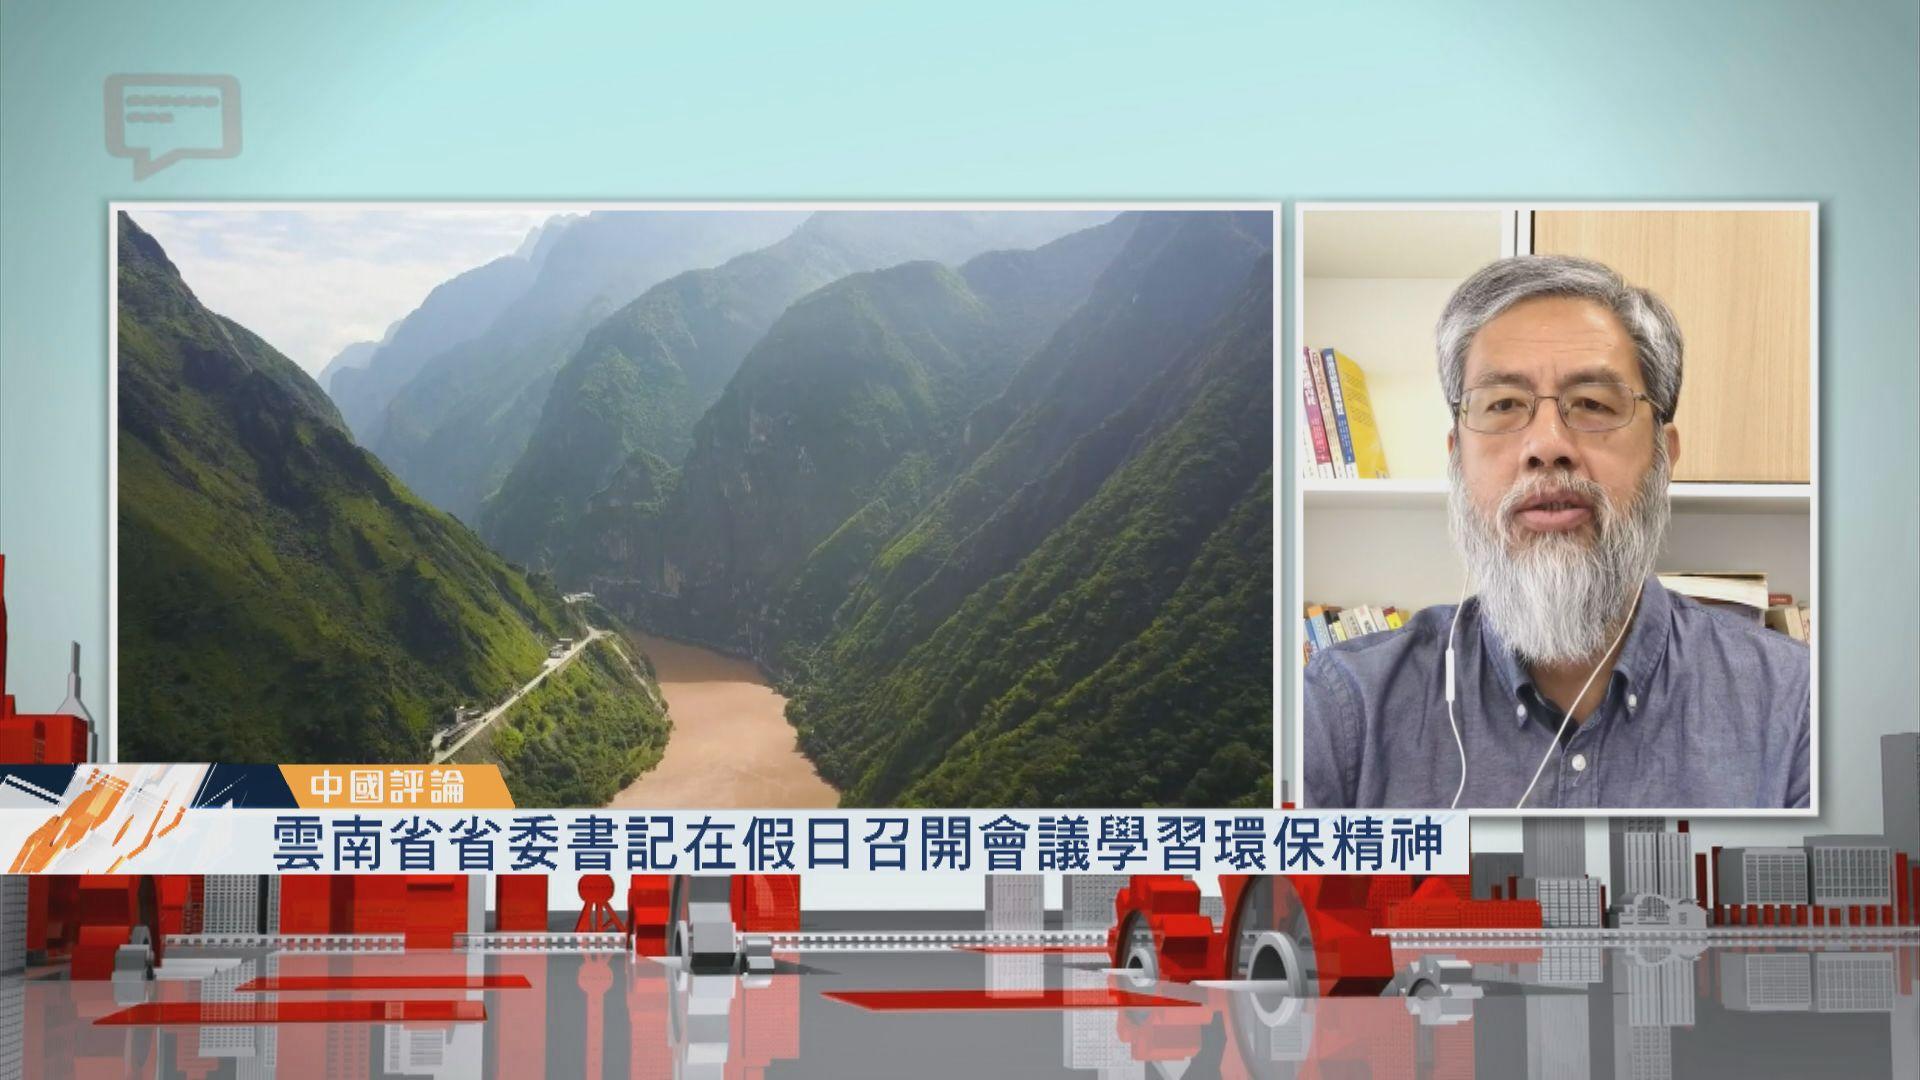 【中國評論】雲南領導緊急應對環保批評/職訓電子券